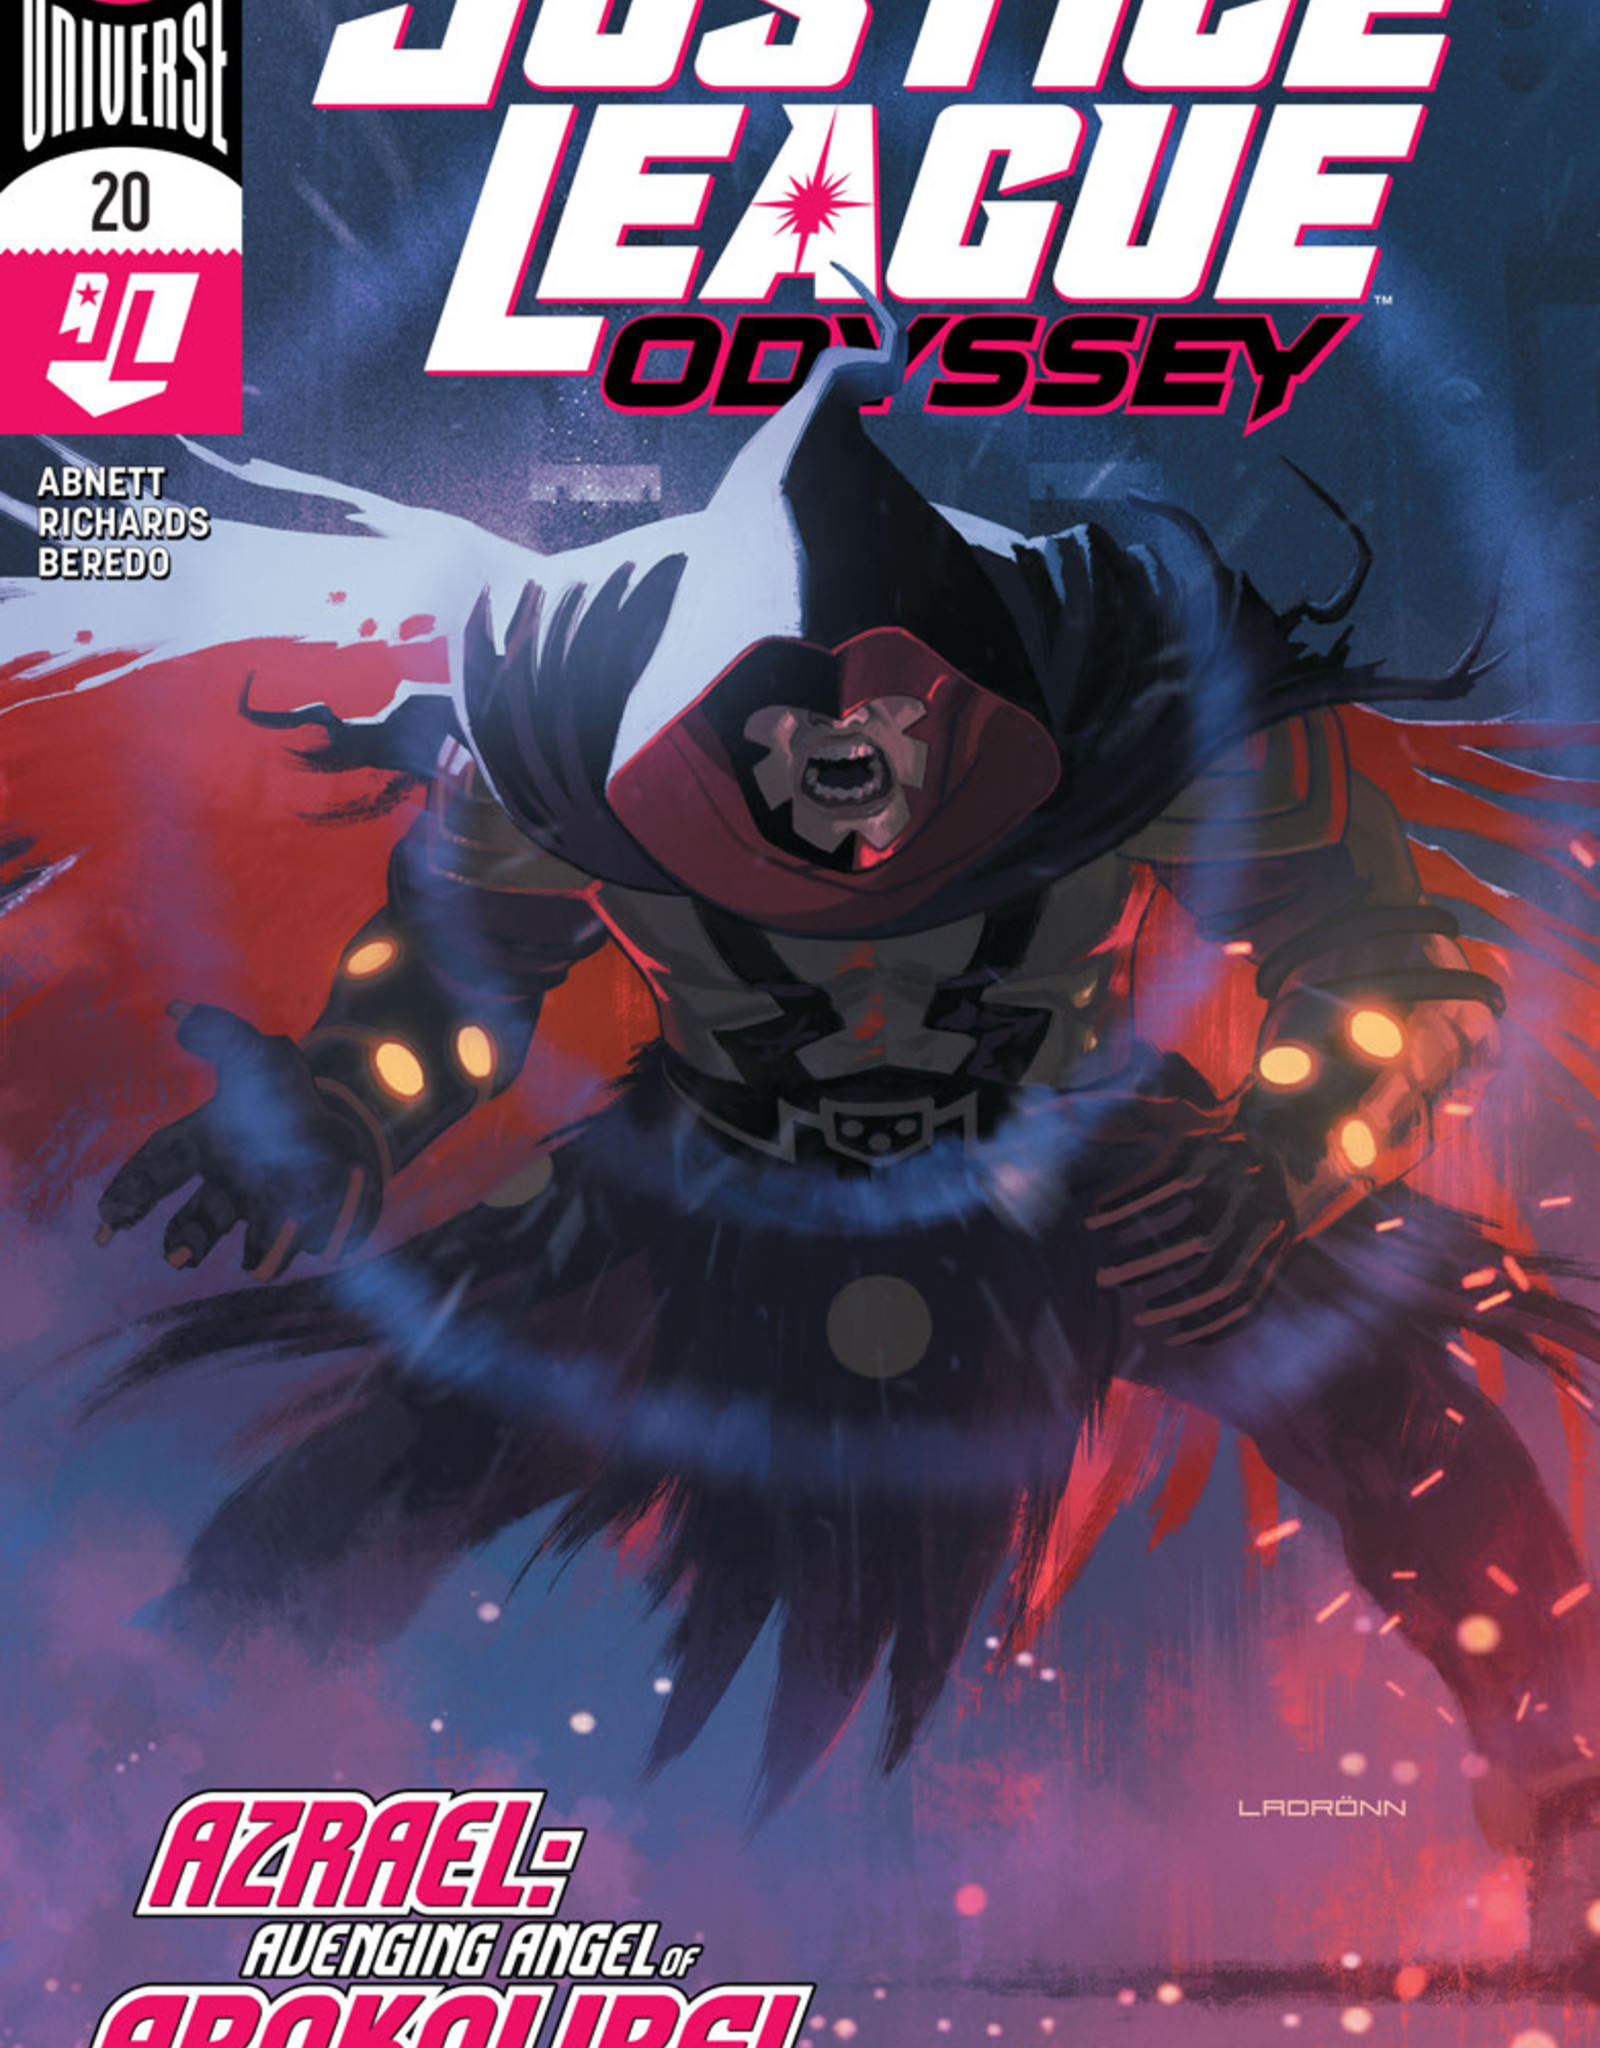 DC COMICS JUSTICE LEAGUE ODYSSEY #20